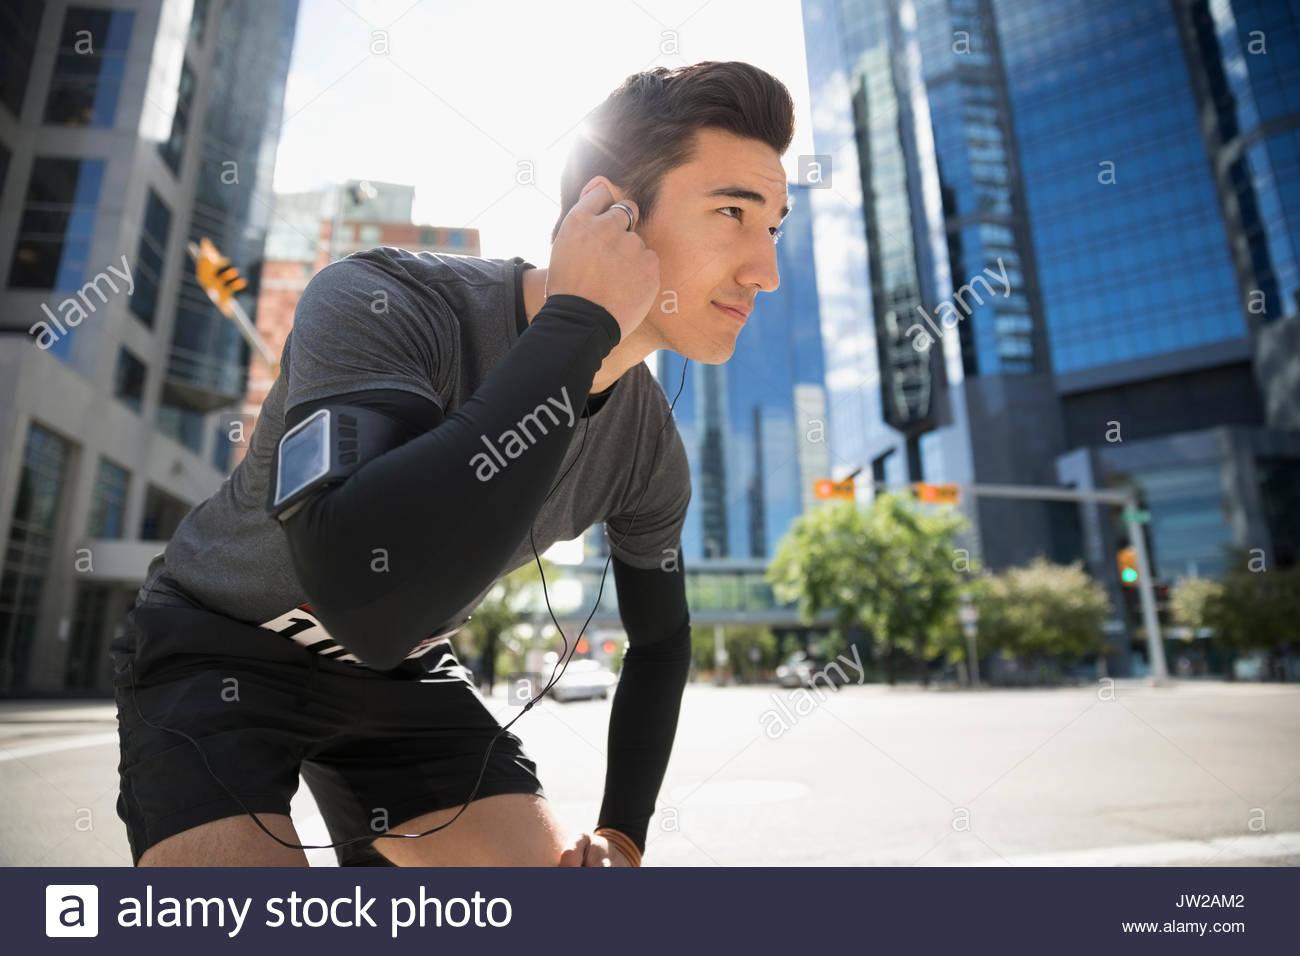 Giovane maschio runner in appoggio, l'ascolto di musica con cuffie e lettore mp3 fascia braccio sulla soleggiata strada urbana Immagini Stock